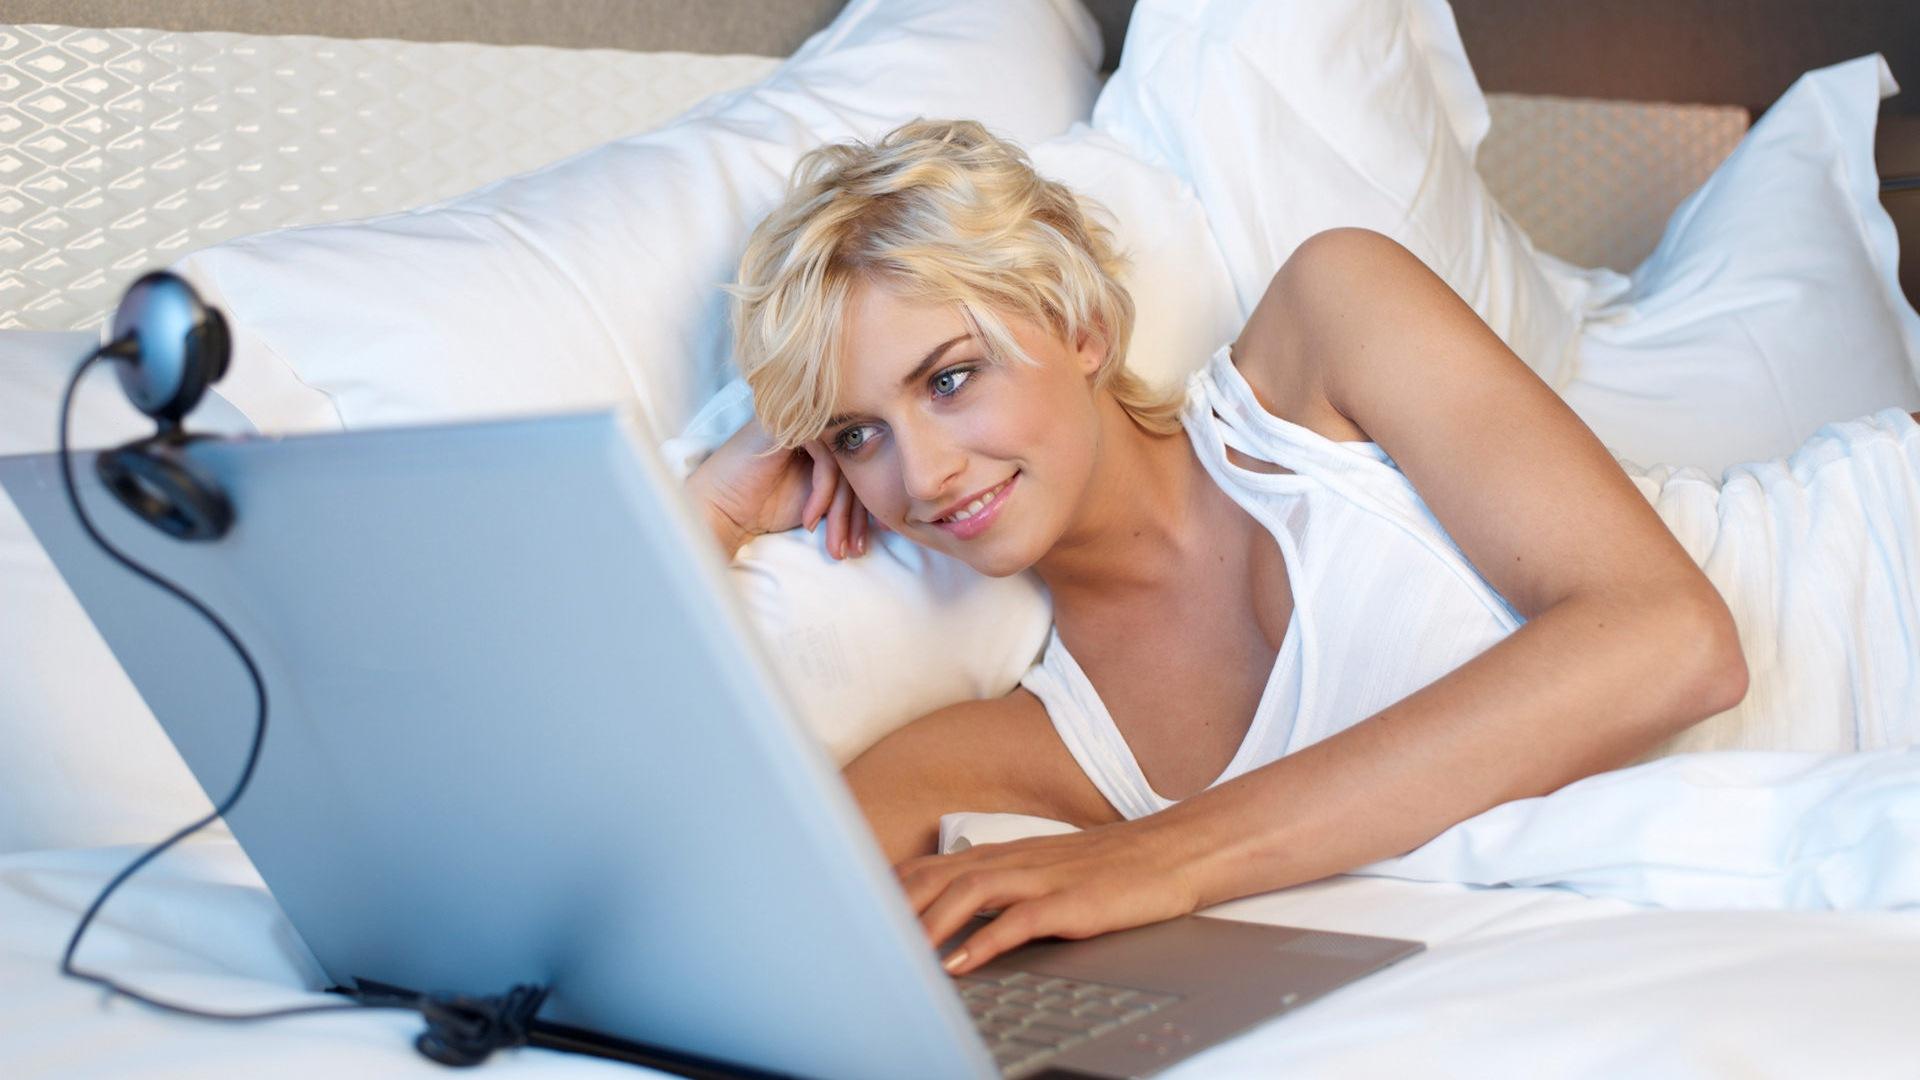 Сексобщение в интернете 6 фотография